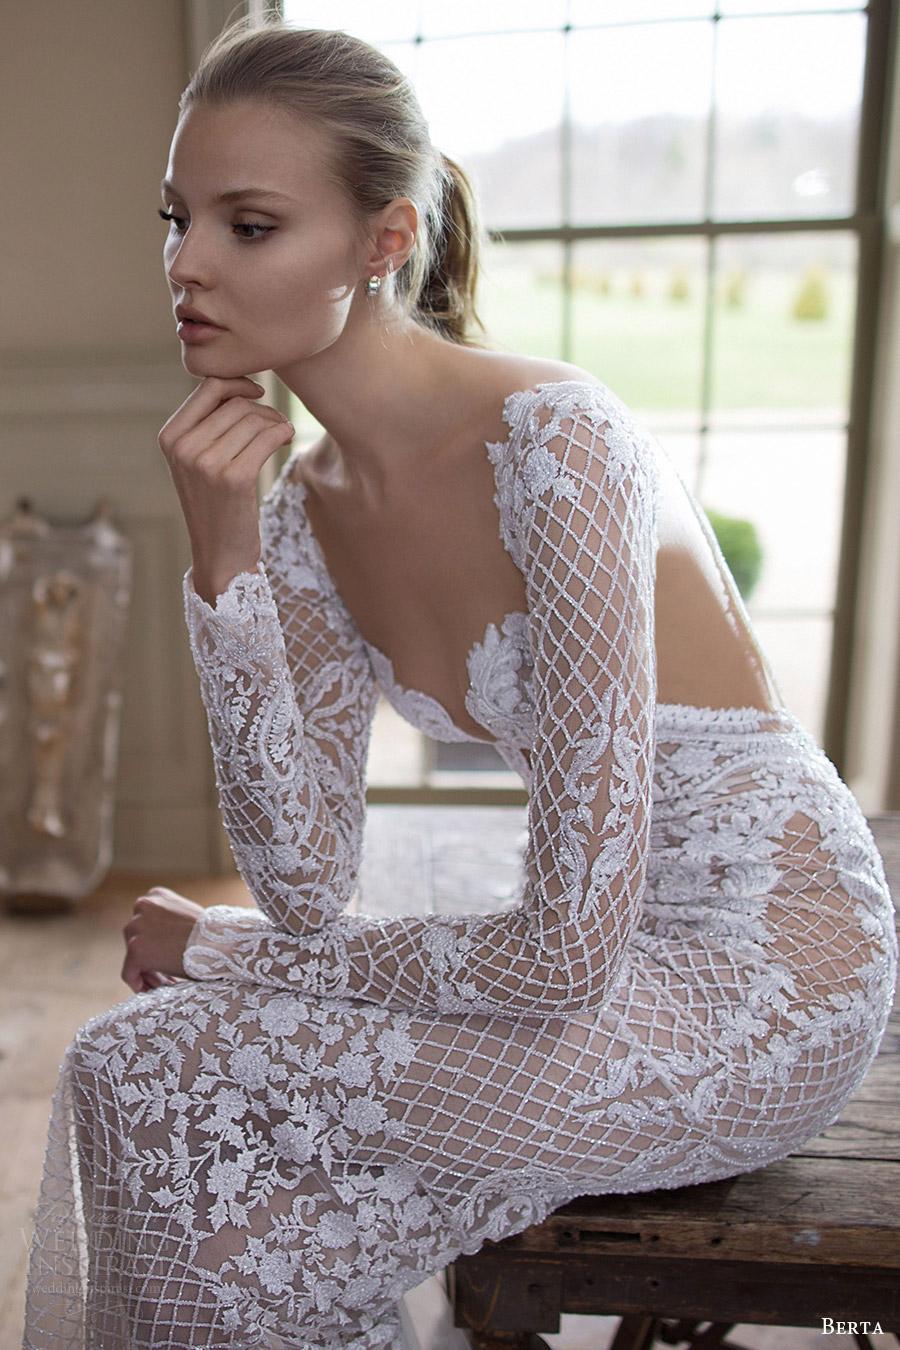 berta bridal fall 2016 long sleeves sweetheart beaded sheath wedding dress (16 123) sv